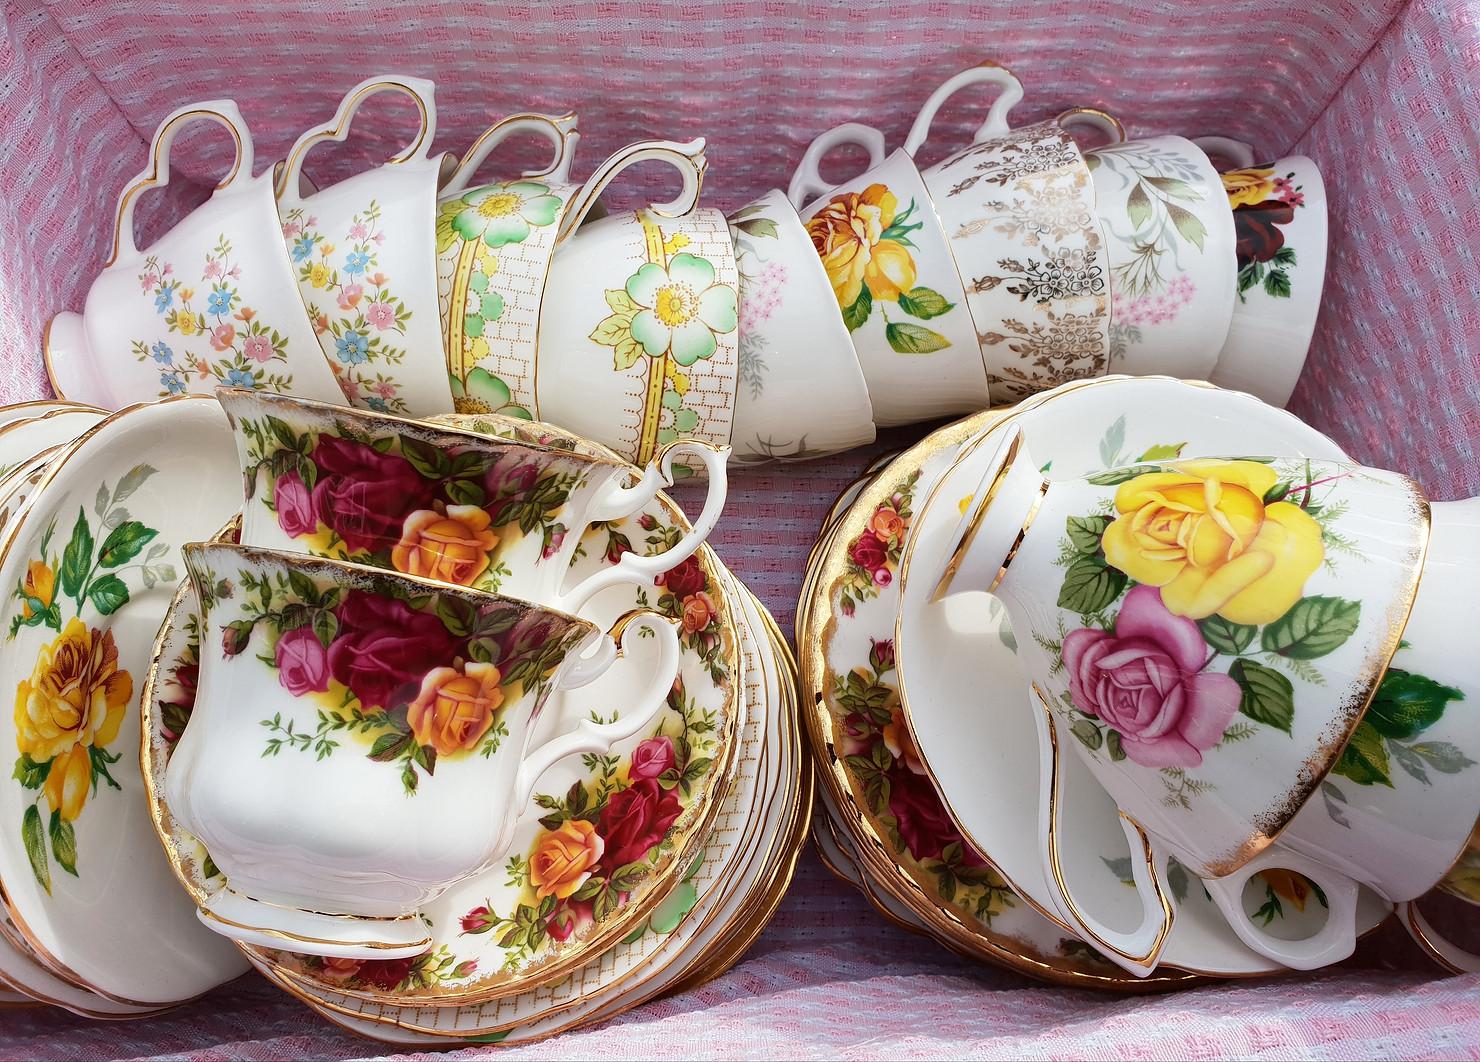 Afternoon Tea in Berkshire